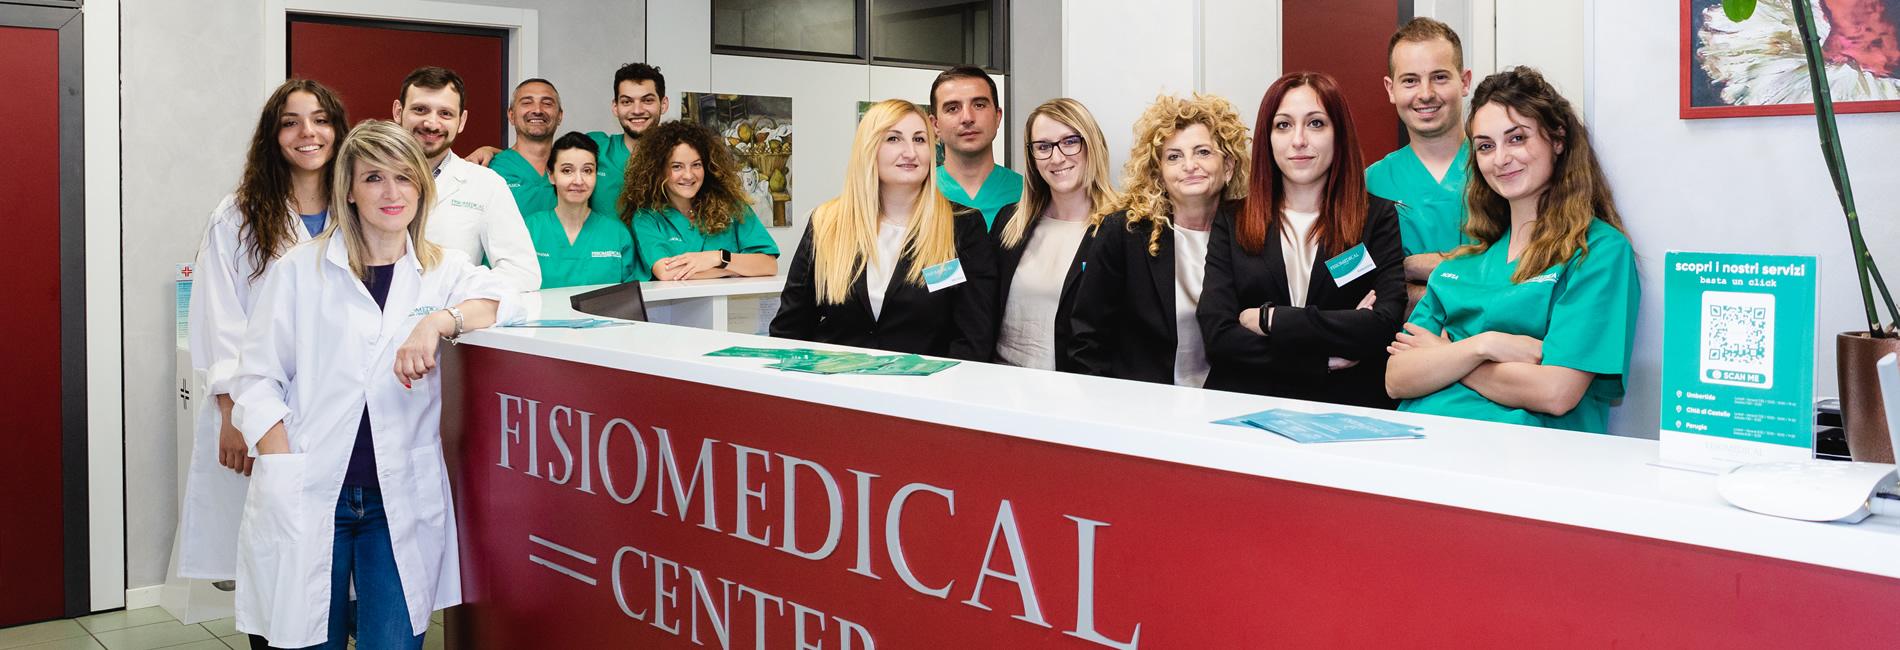 Staff riabilitativo e segreteria Fisiomedical